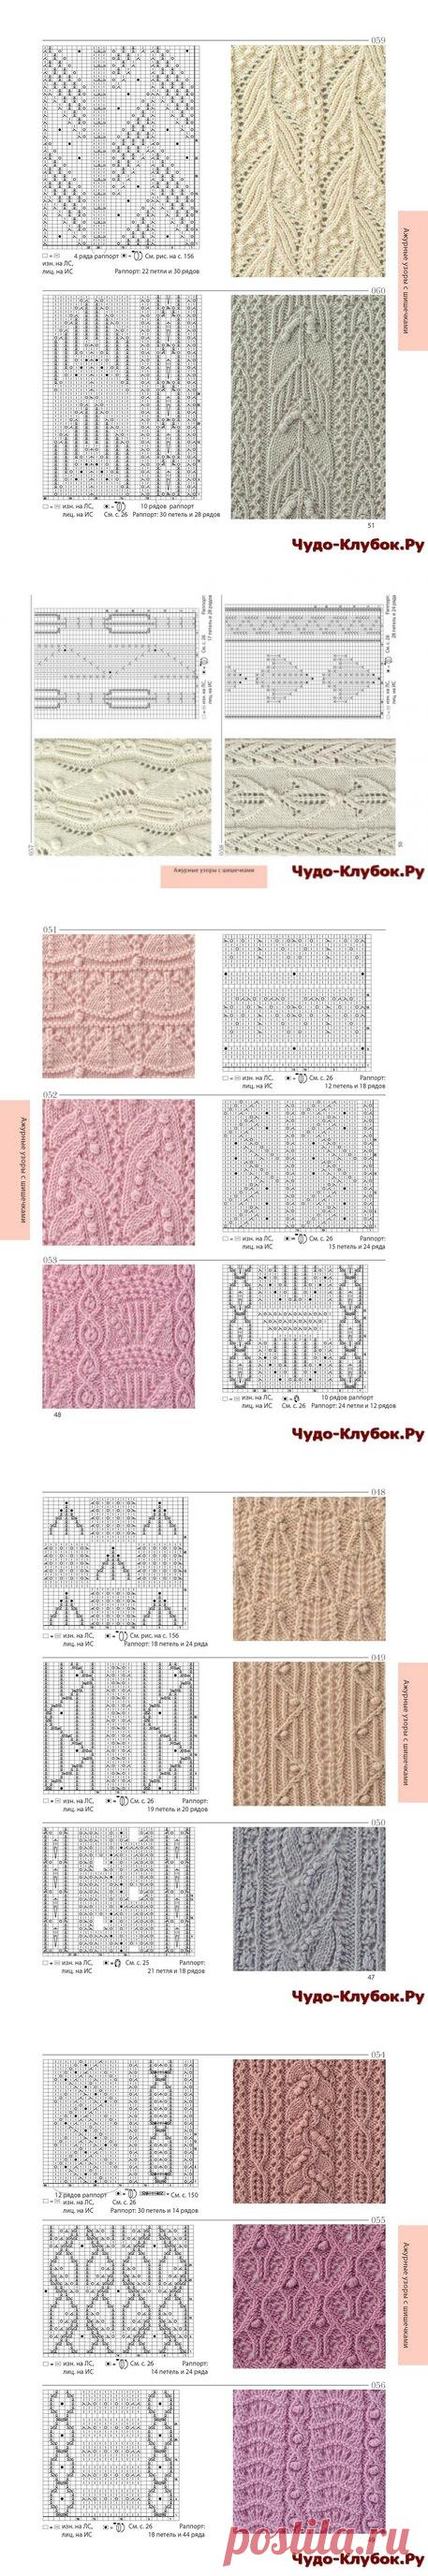 Ажурные узоры с шишечками из 250 японских узоров для вязания на спицах | Чудо-Клубок.Ру | Яндекс Дзен